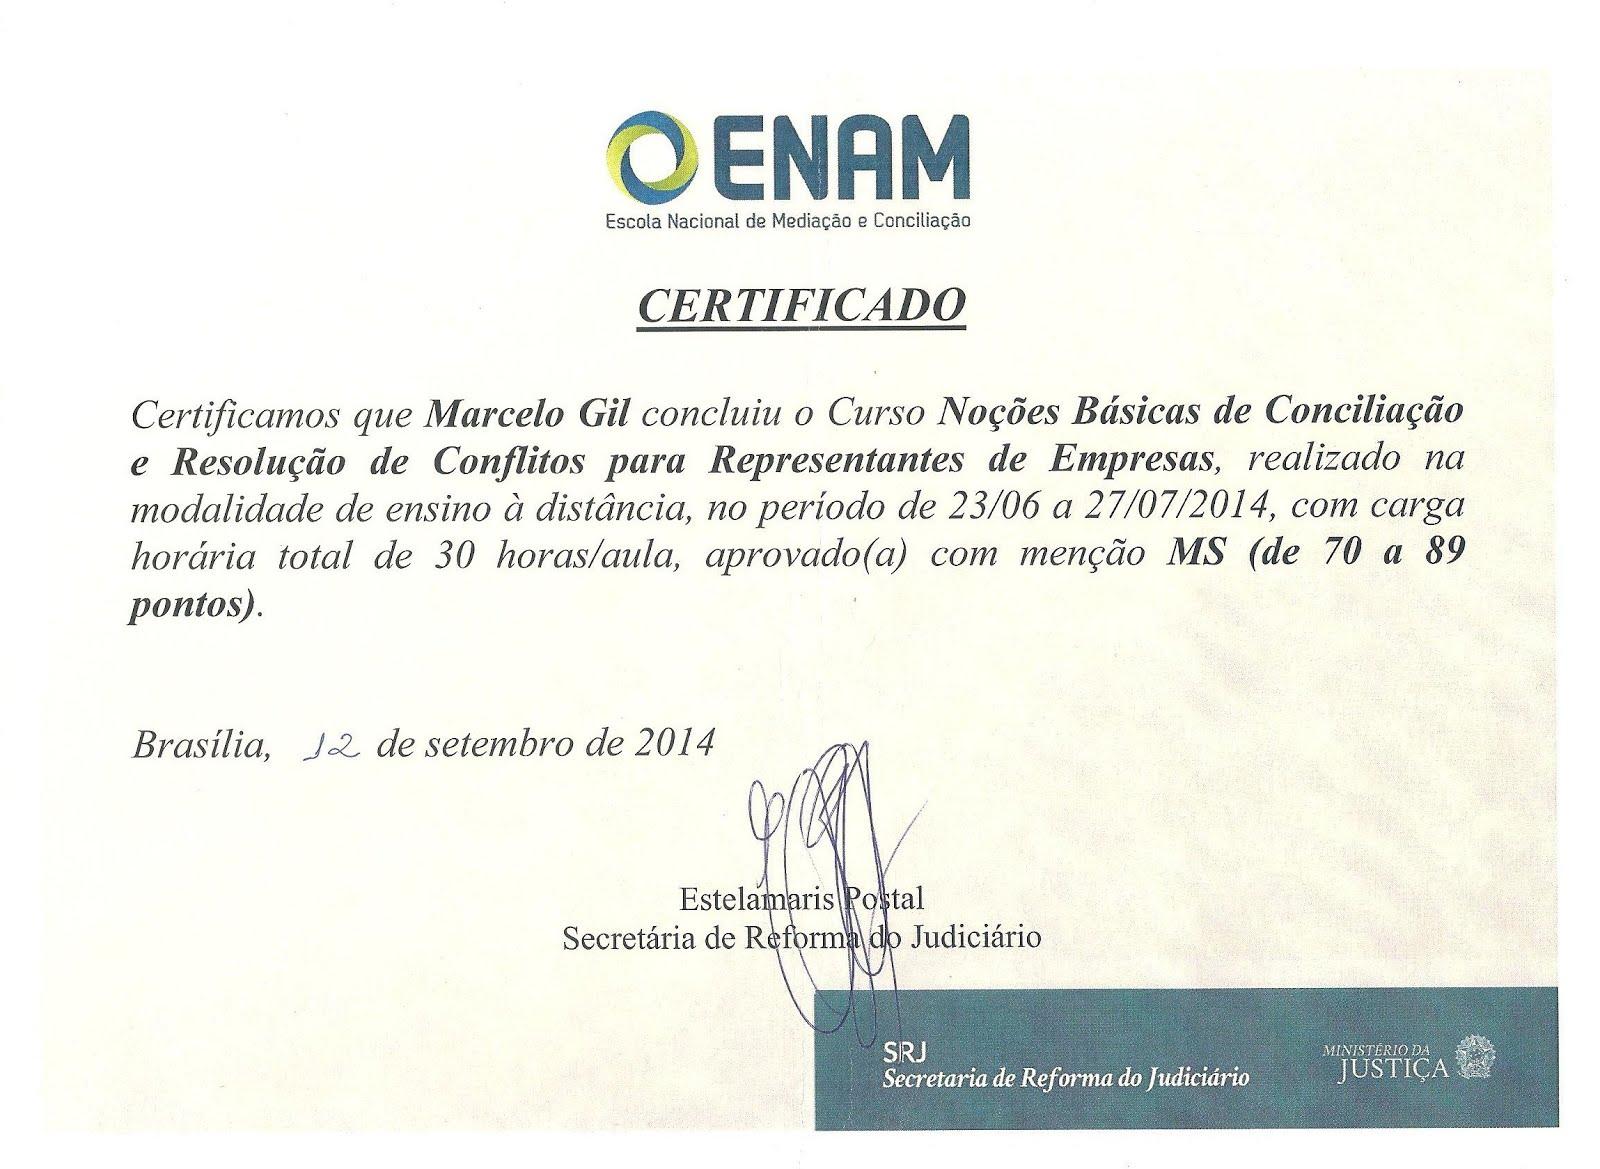 CERTIFICADO DA ESCOLA NACIONAL DE MEDIAÇÃO, DO MINISTÉIRO DA JUSTIÇA, CONCEDIDO À MARCELO GIL /2014